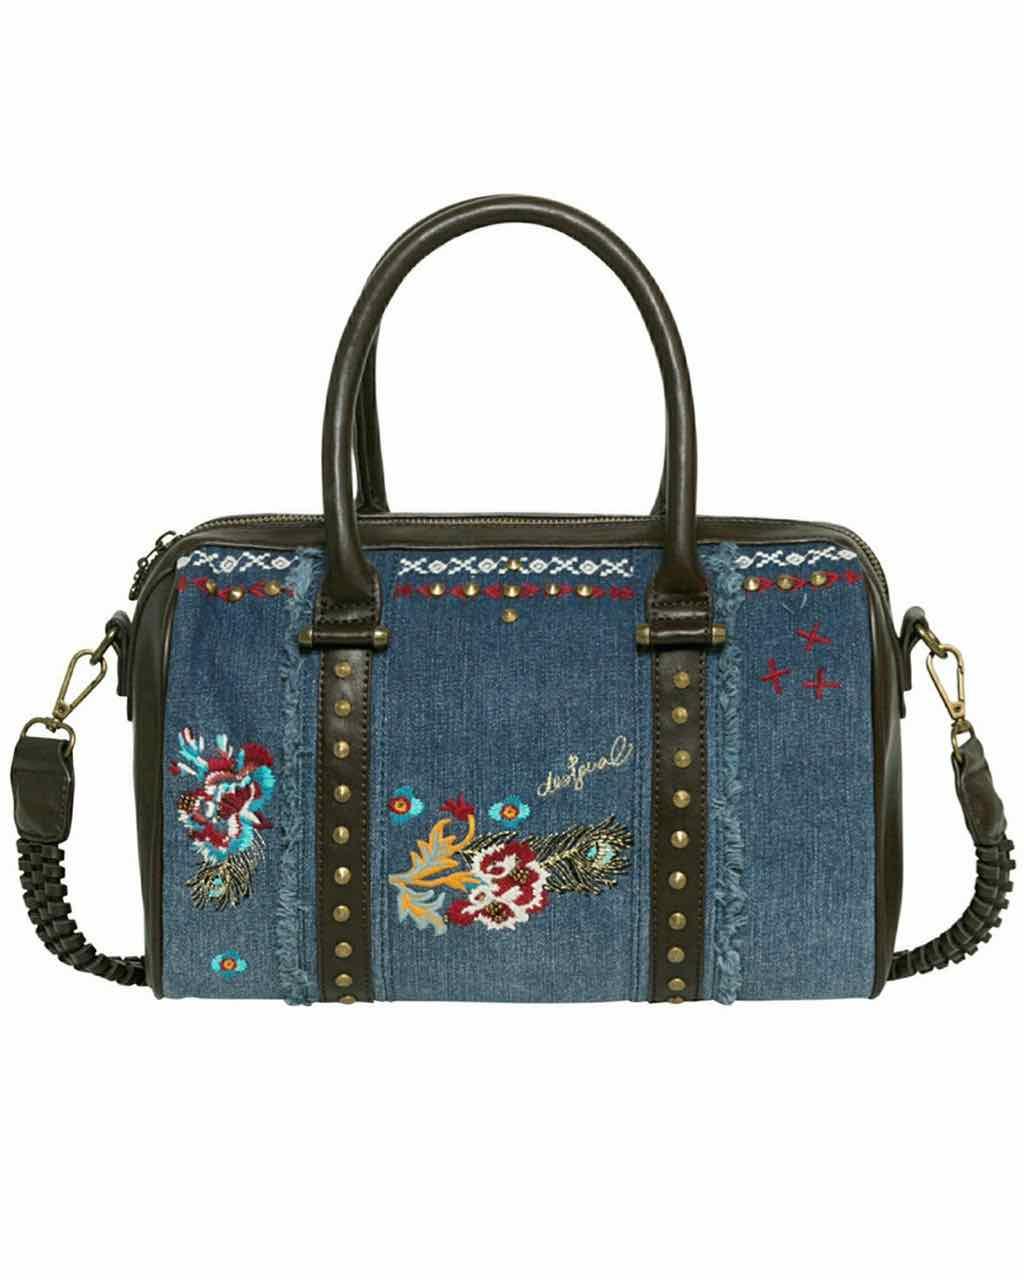 17waxdpt_5006_ Desigual Bag Malta Jade Buy Online